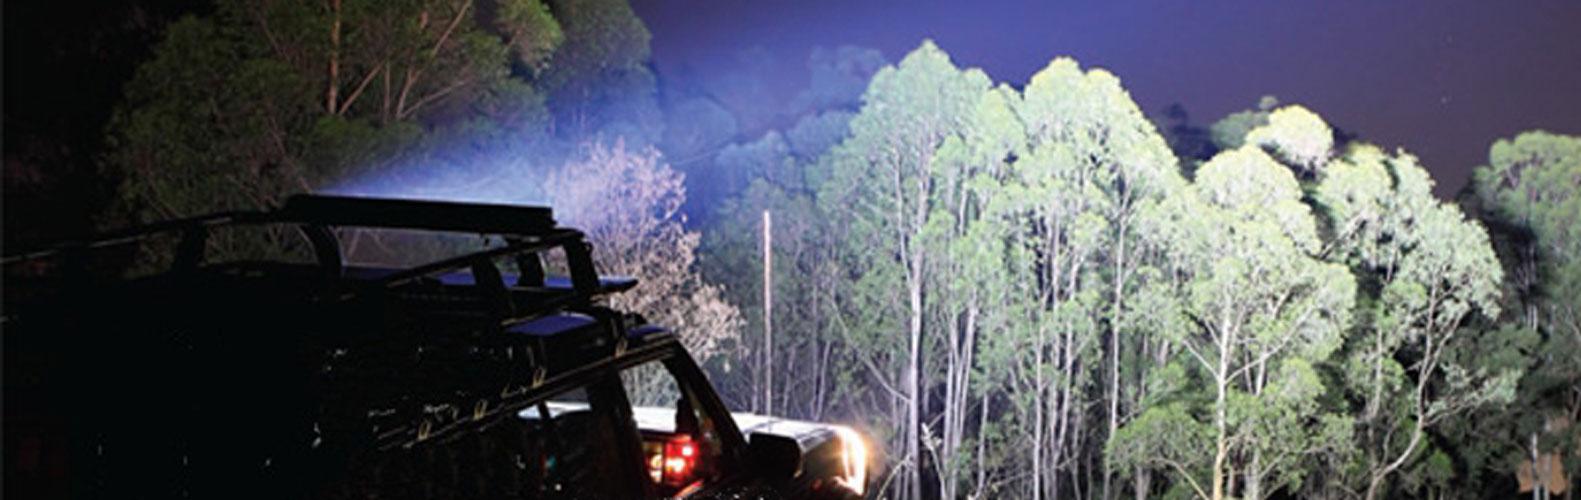 Fari e barre a led per auto survivalshop for Fari a led per auto